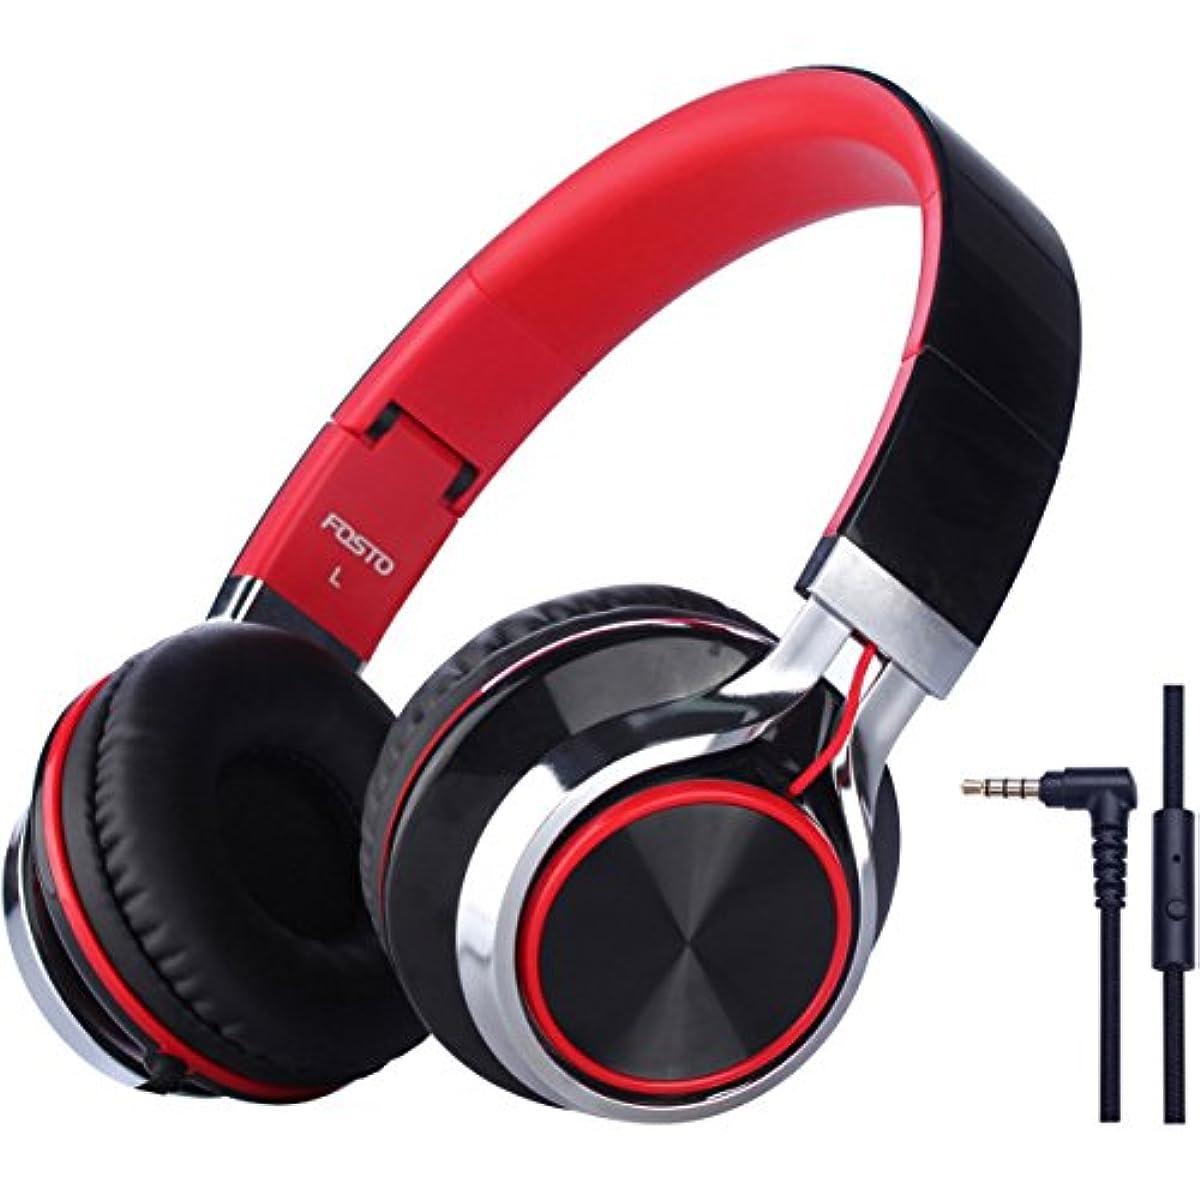 [해외] 어린이용 헤드폰 FOSTO 키즈용 헤드폰 접이식 볼륨 제한 밀폐형 MP3 휴대 게임기 (레드)